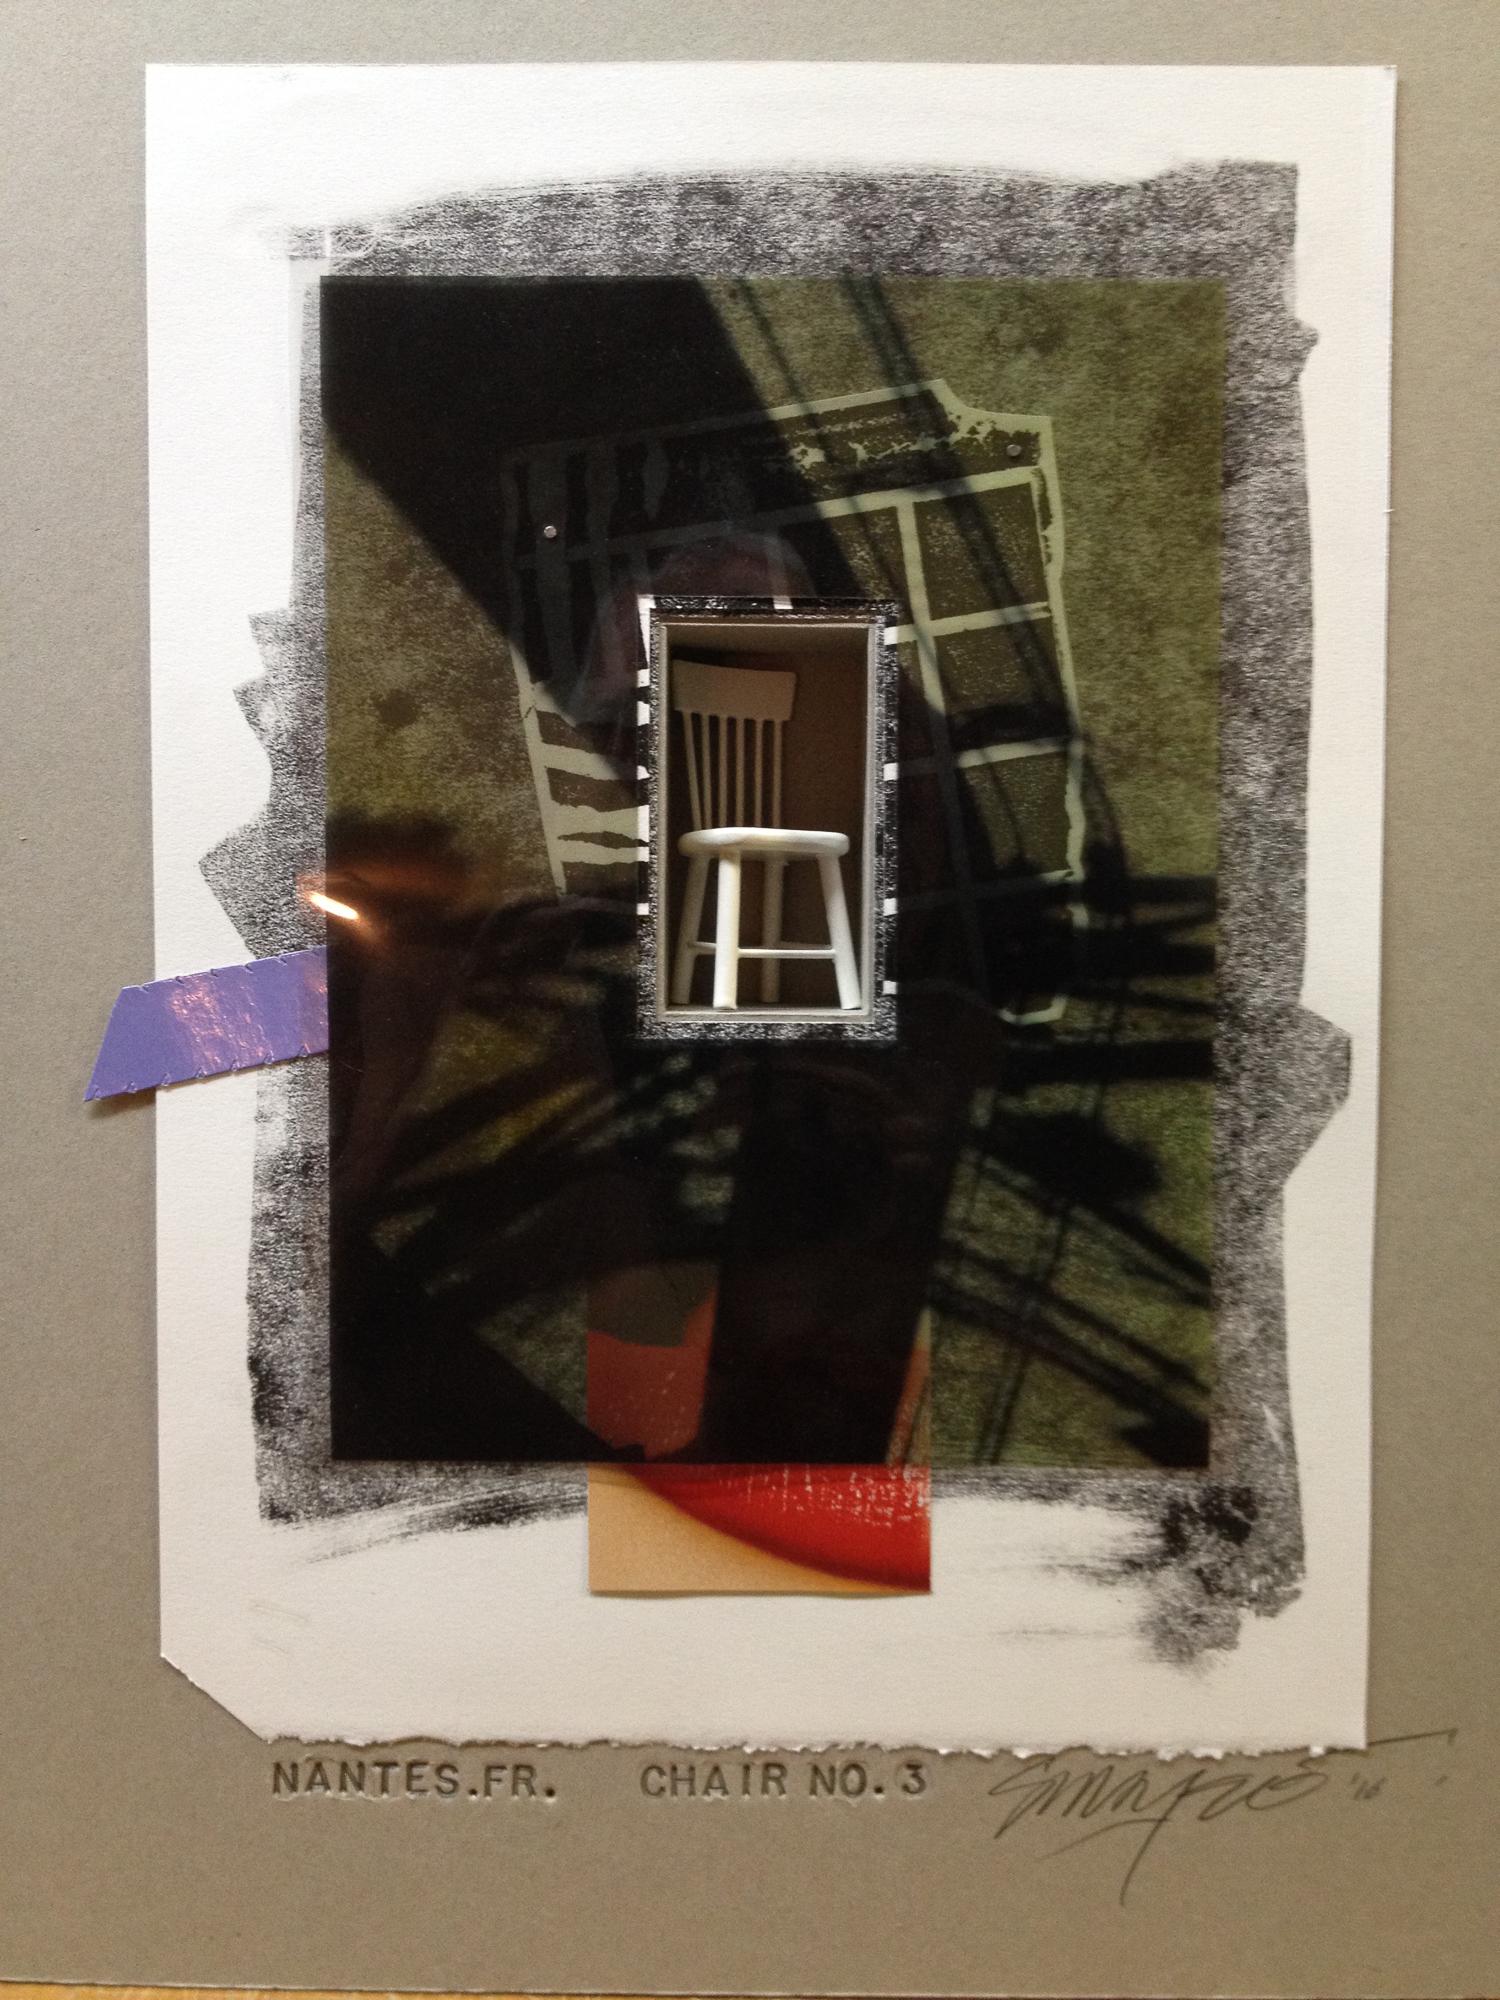 nantes, fr., chair #3.jpg